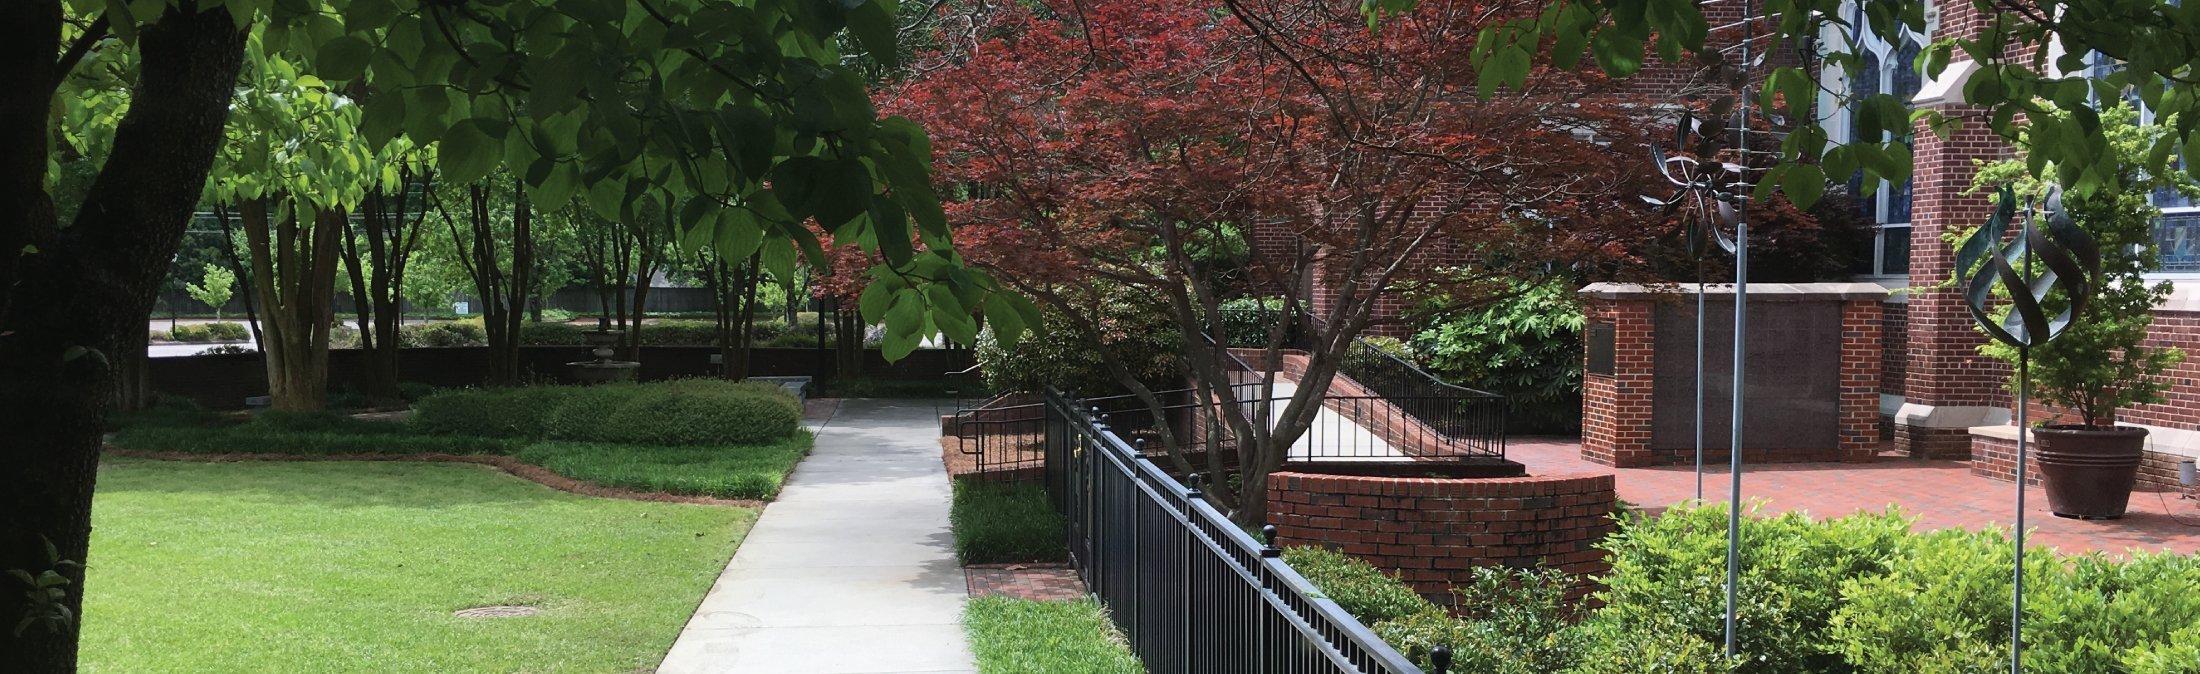 Columbarium-Memorial-Garden2